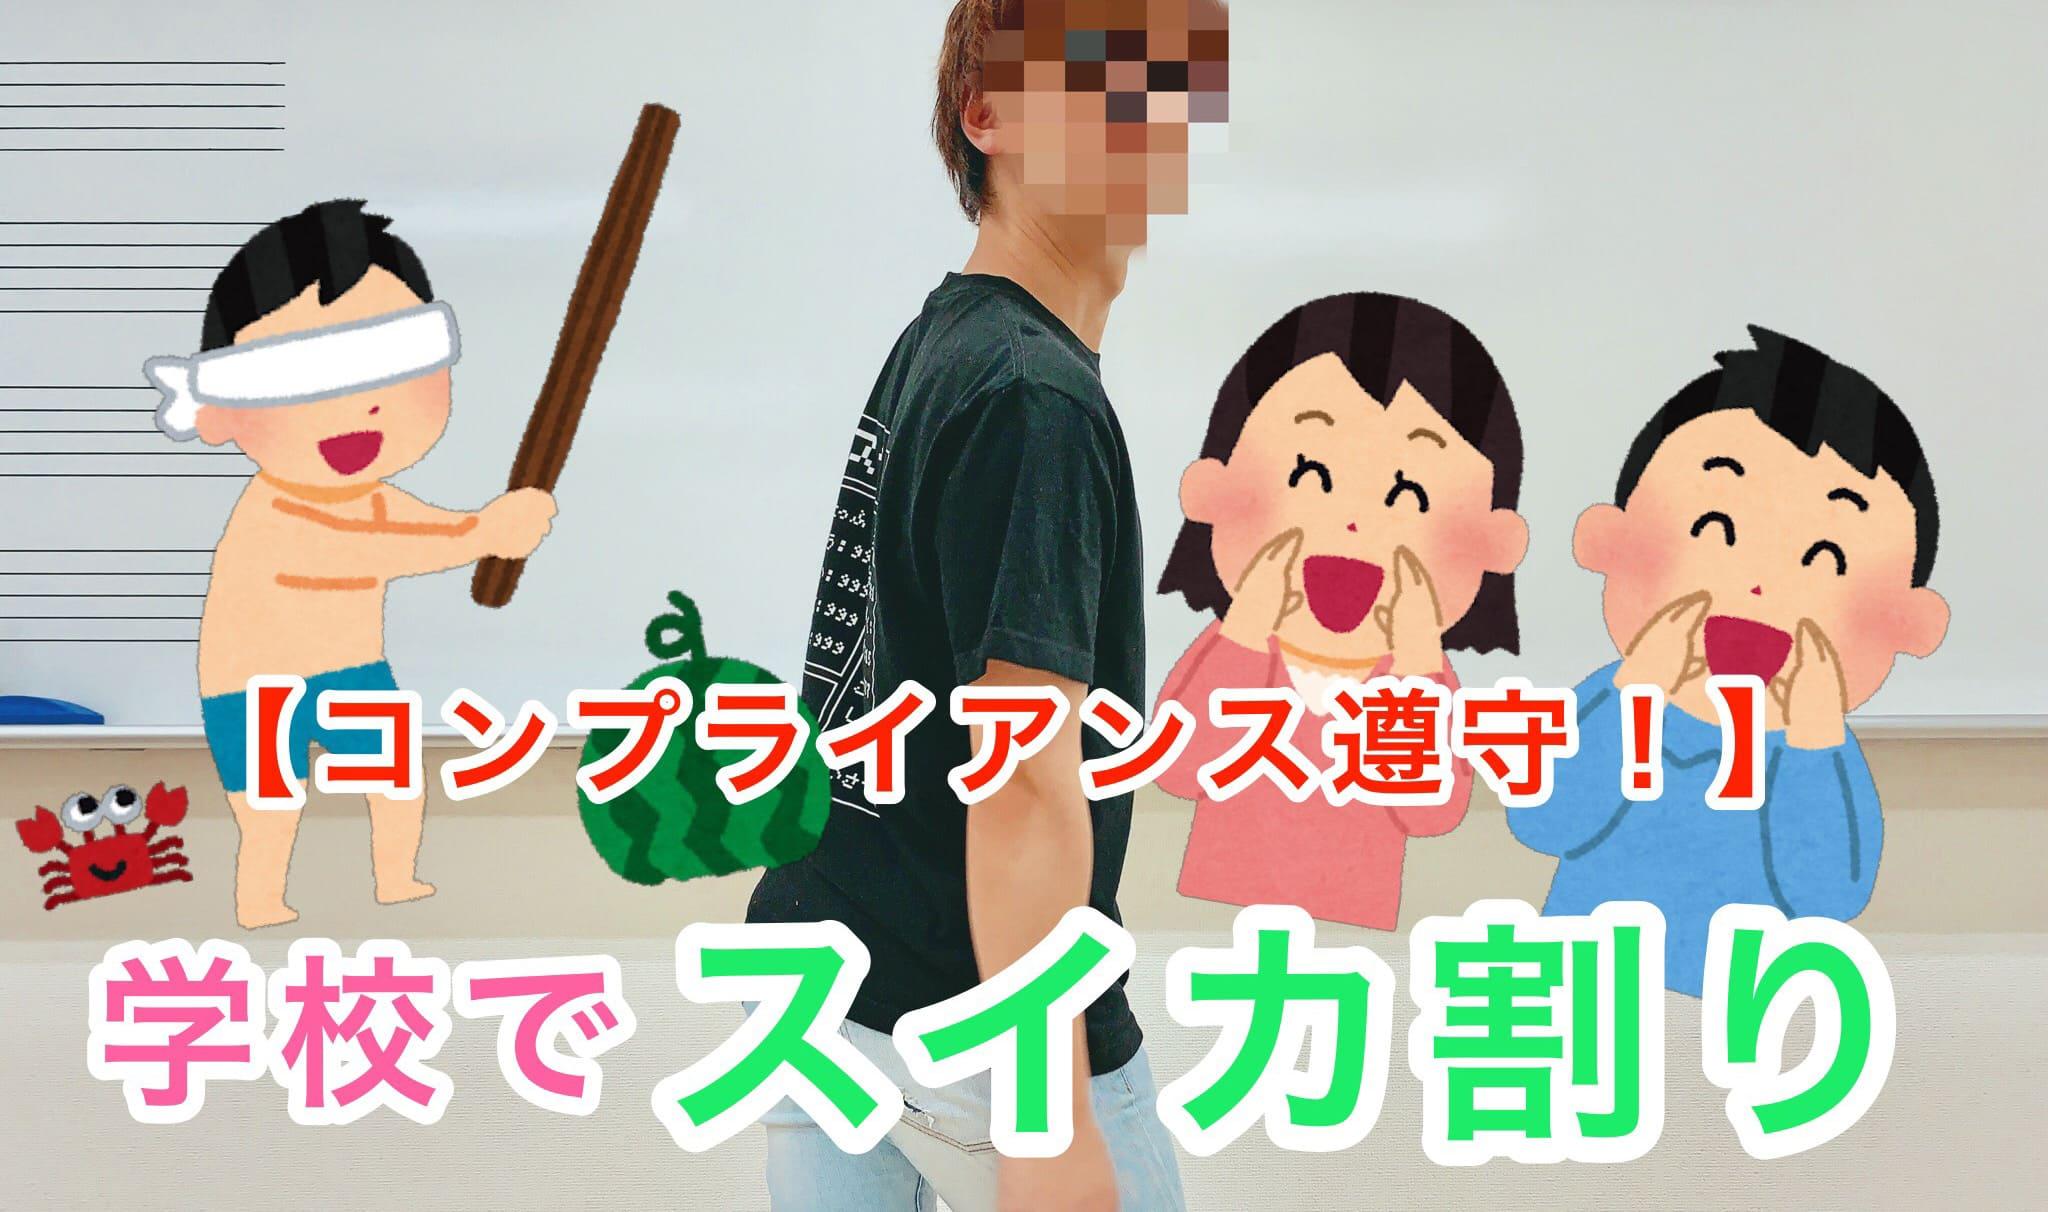 【コンプライアンス遵守!】学校でスイカ割りしてみた!!